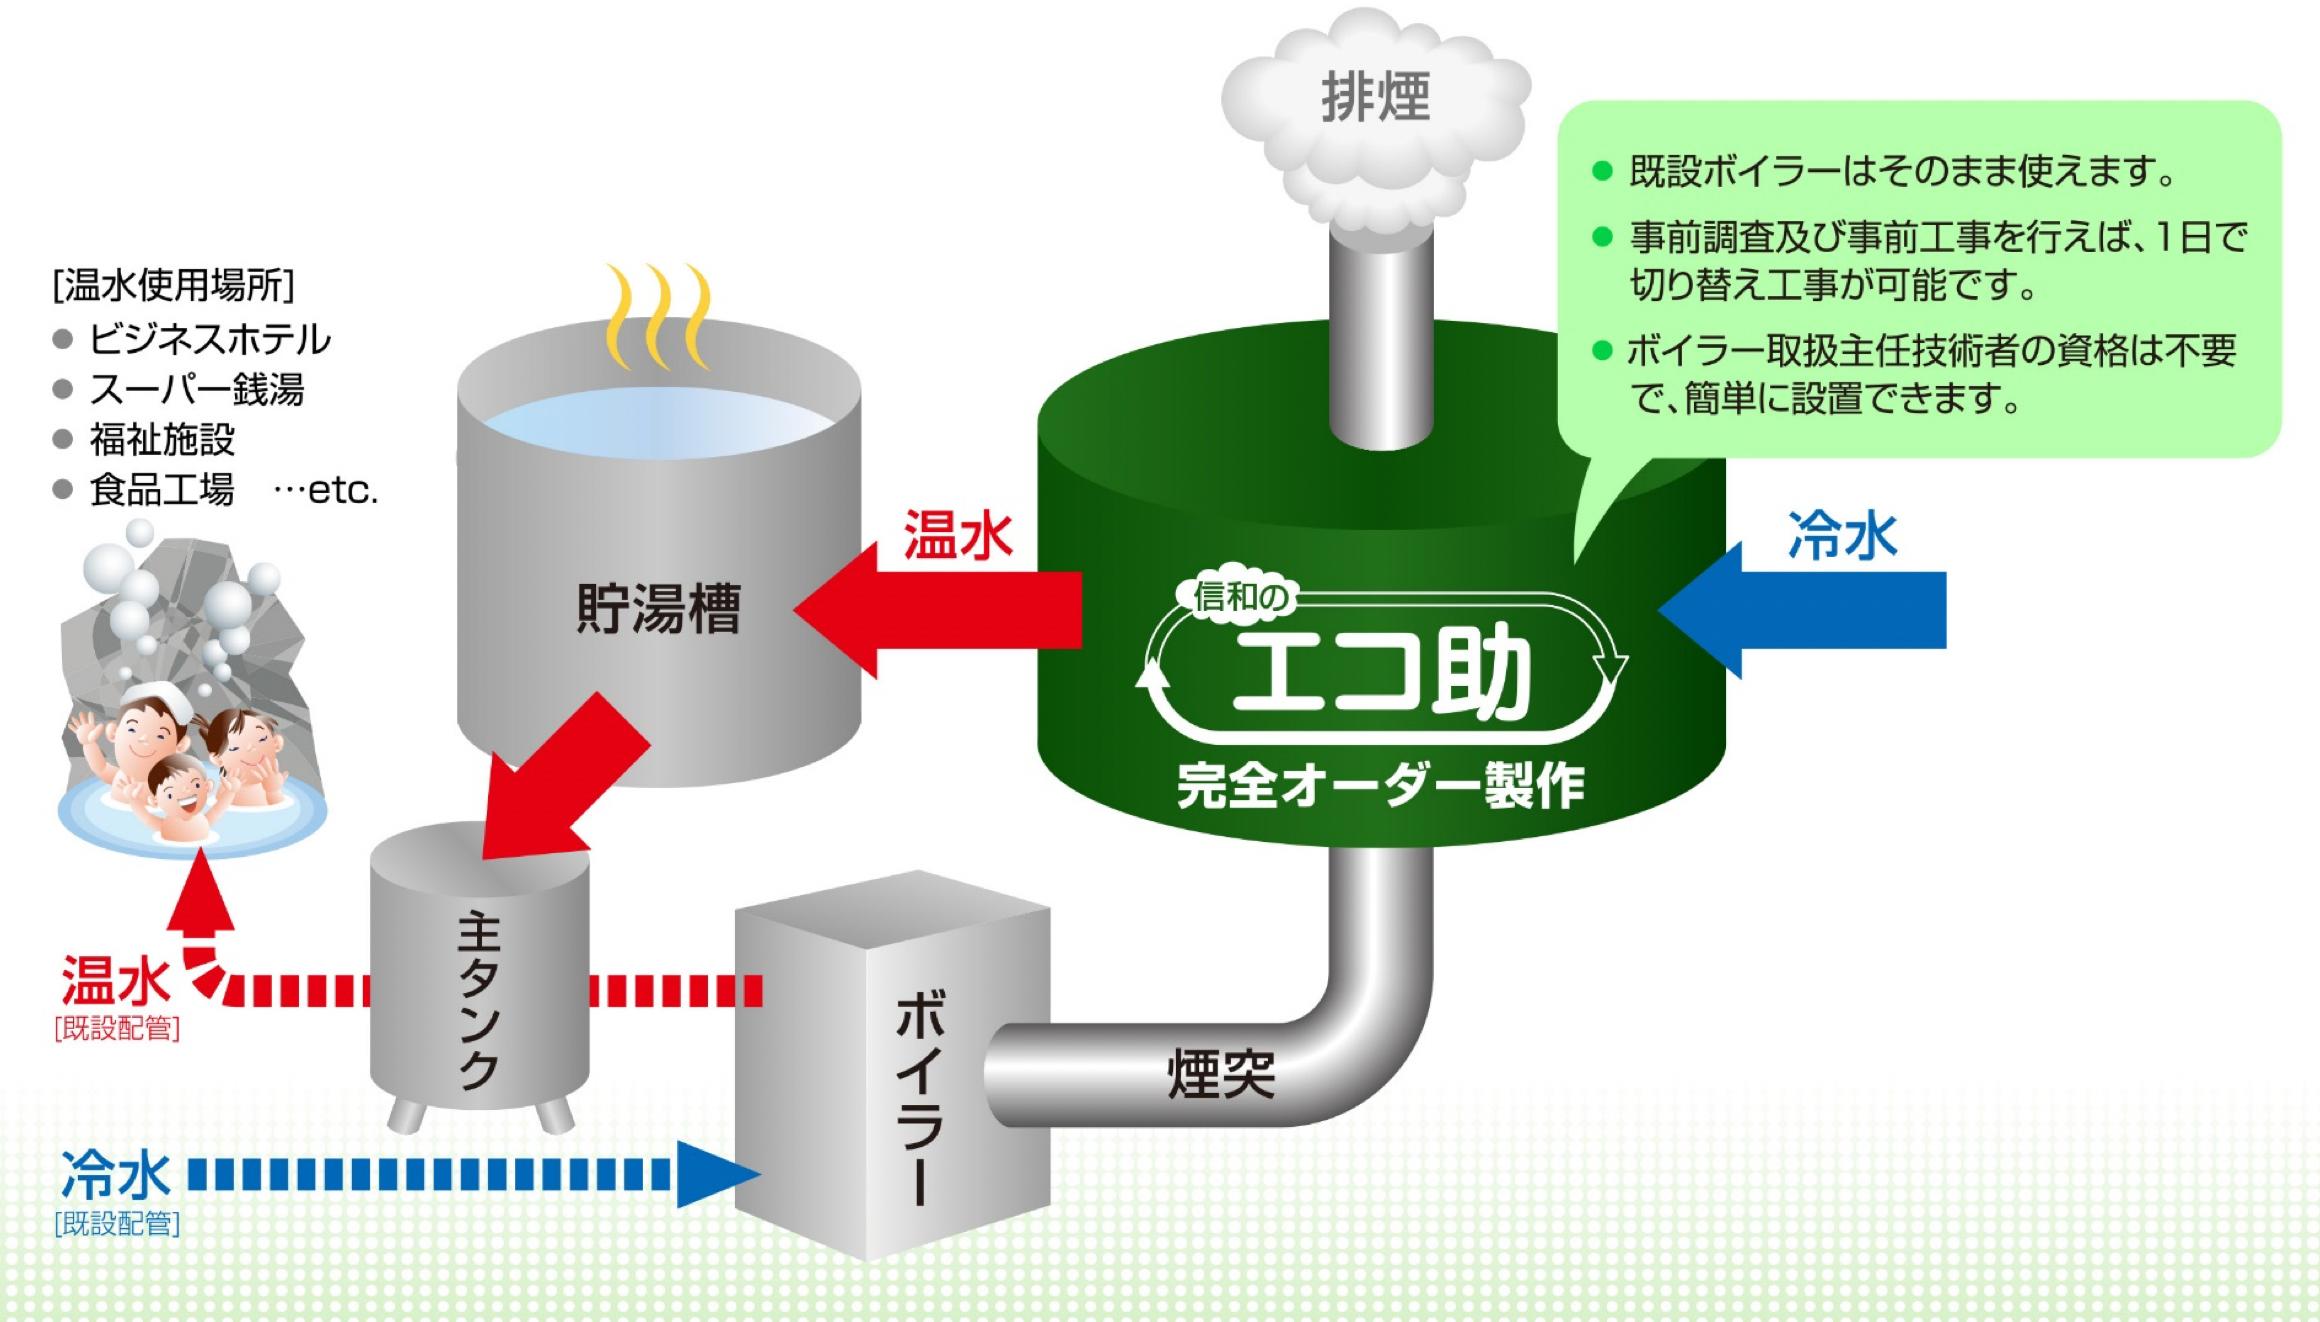 エコ助-補助金対応ボイラーの信和電設-環境省補助金対応製品・ミニボイラーの経費削減のためシステム「エコ助」はエネルギー有効活用により、排熱利用(回収)・燃料削減(CO・二酸化炭素2削減)を行い、重油削減に貢献します。